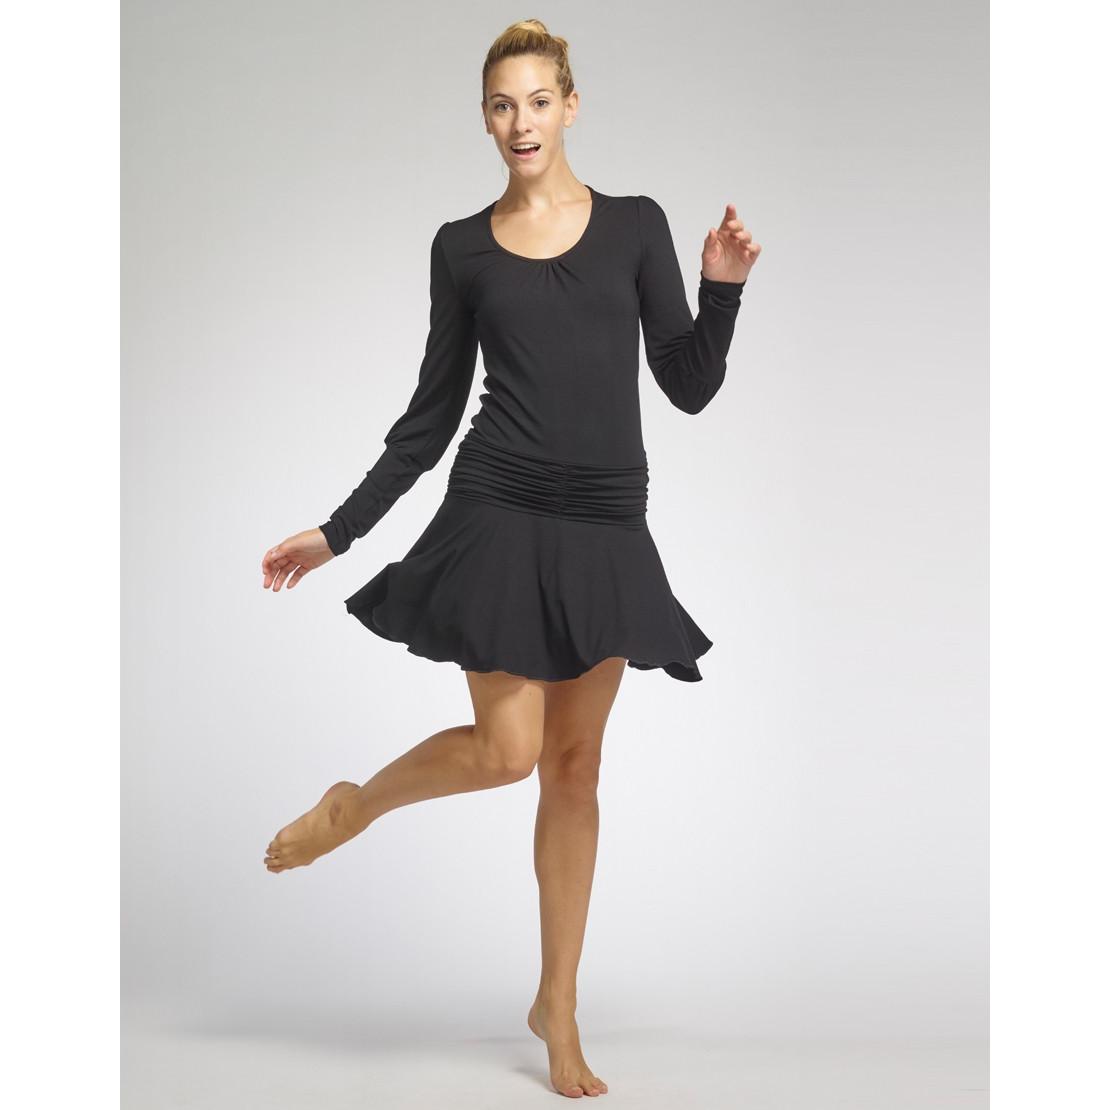 dance world votre boutique d quipement de danse bruxelles danceworld. Black Bedroom Furniture Sets. Home Design Ideas